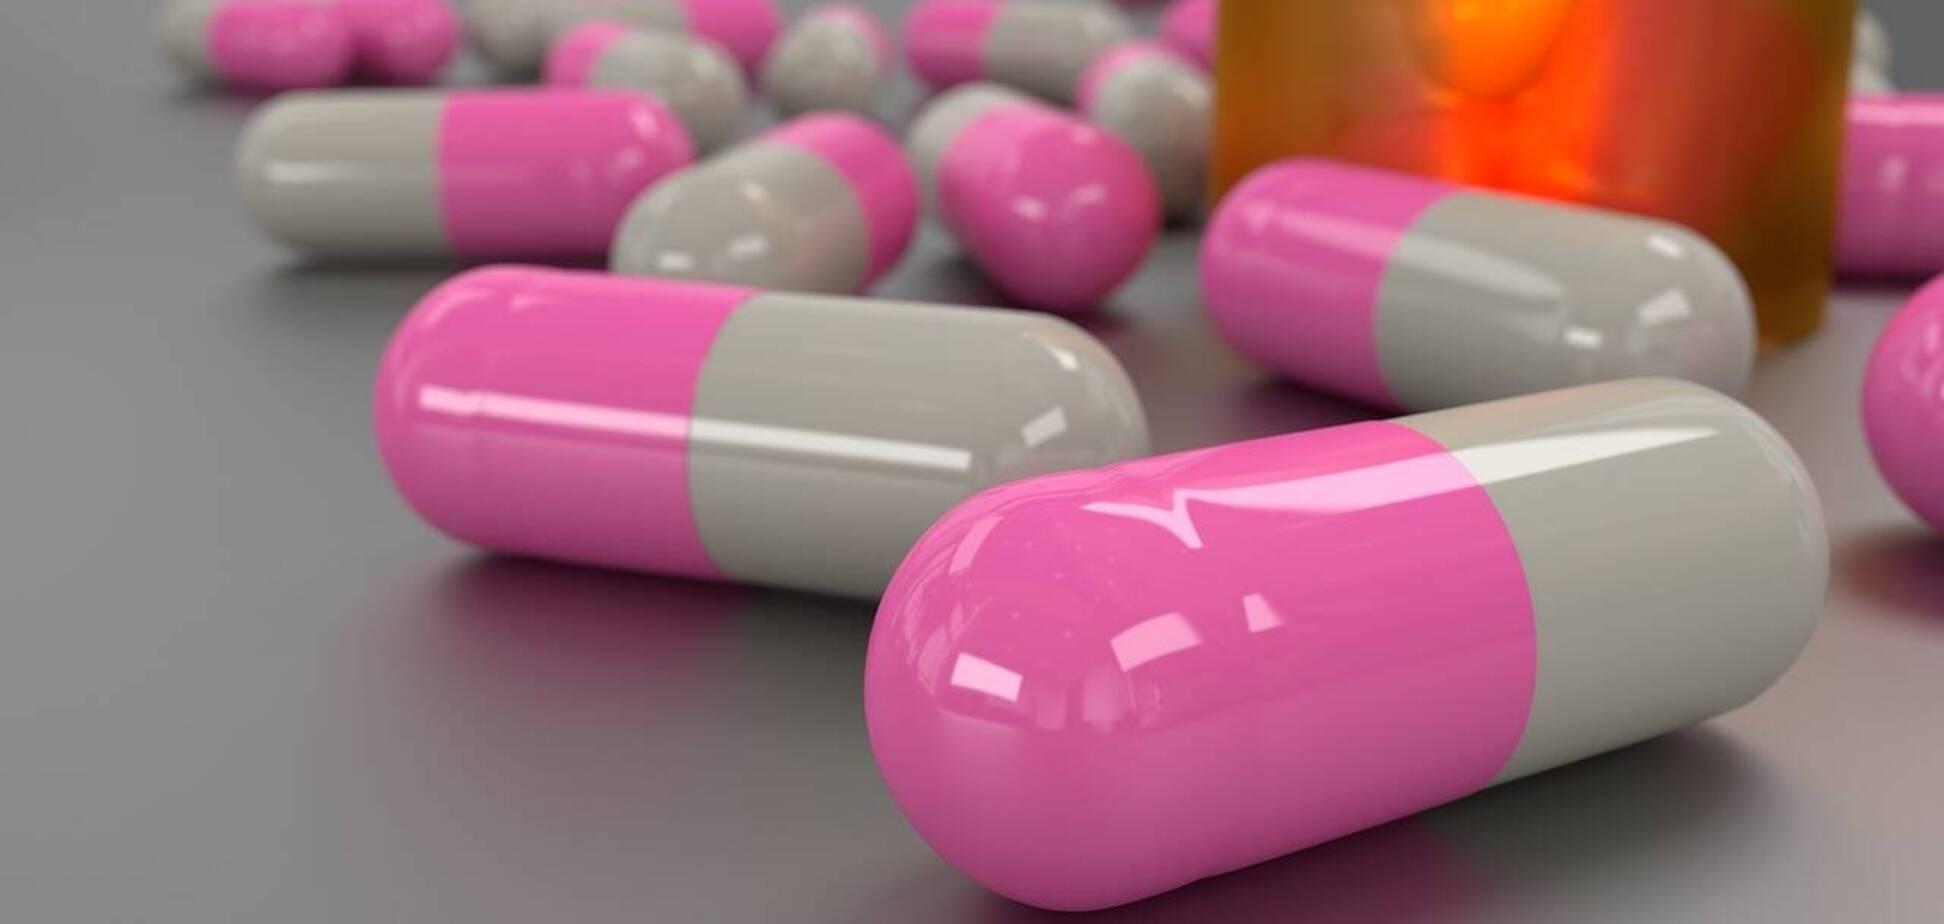 Злоупотребление антибиотиками спровоцировало вспышку пандемий